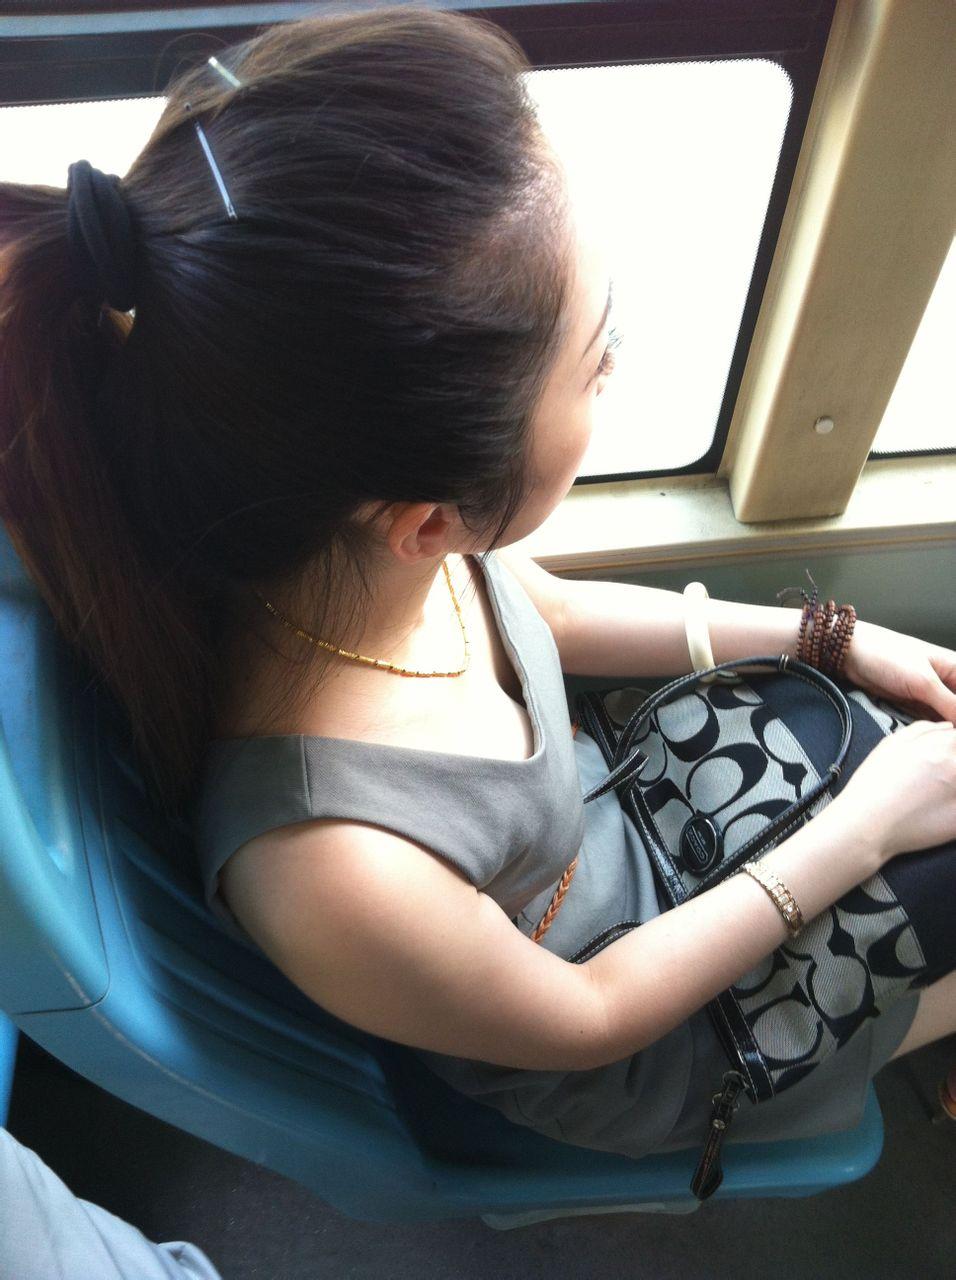 公交车上的美女'就是咪咪小了点